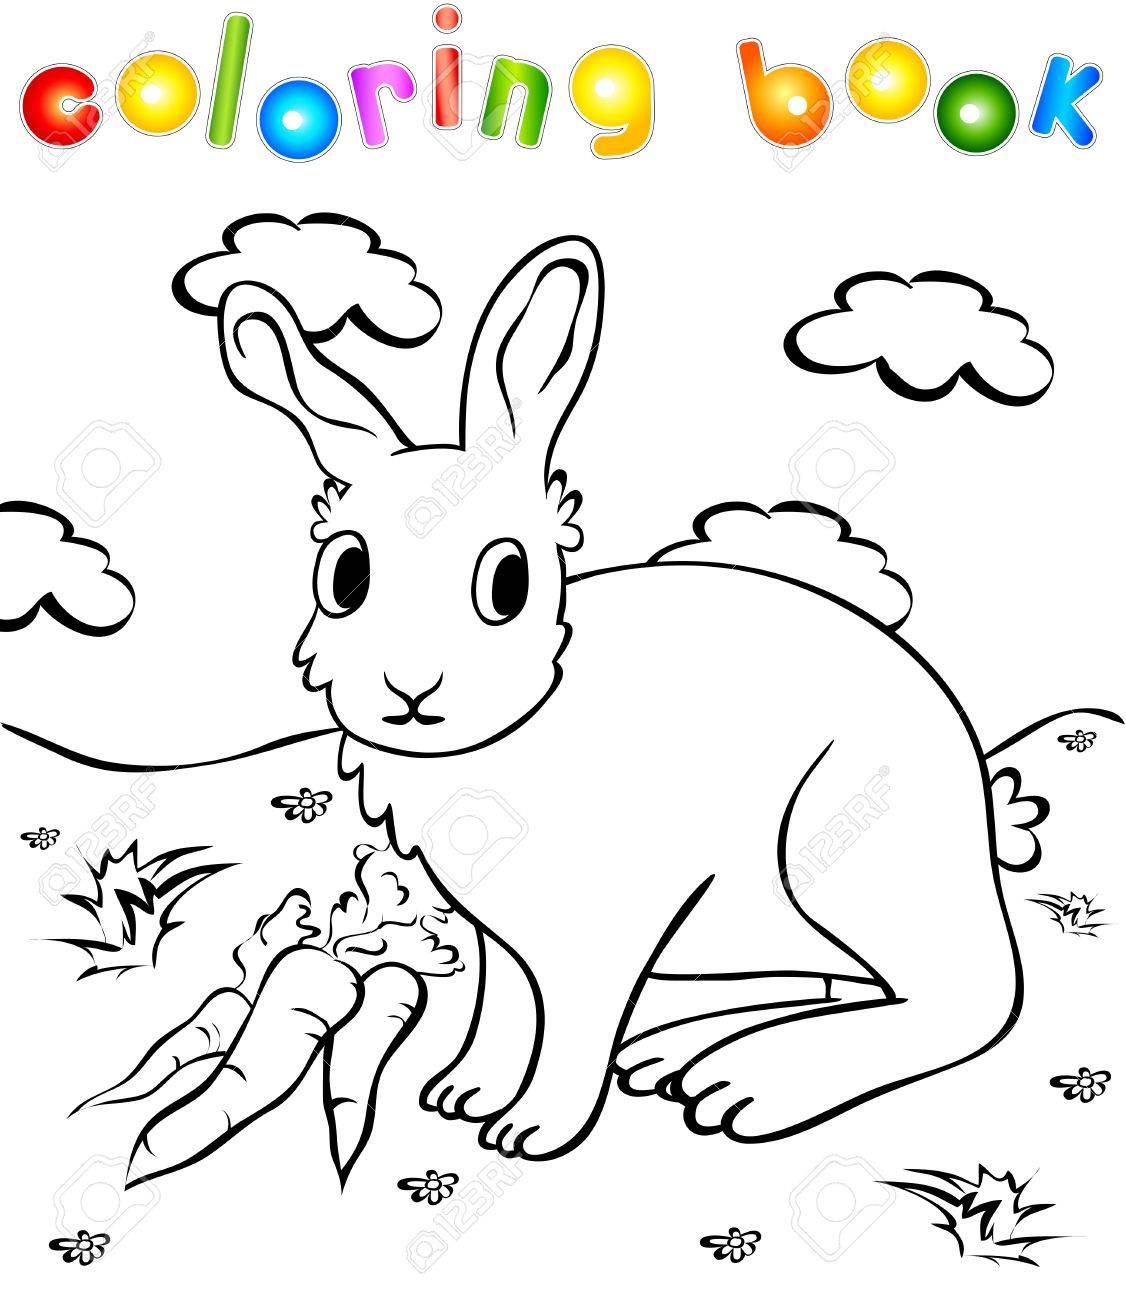 Conejo Divertido Con El Libro Para Colorear Las Zanahorias Ilustración Para Los Niños